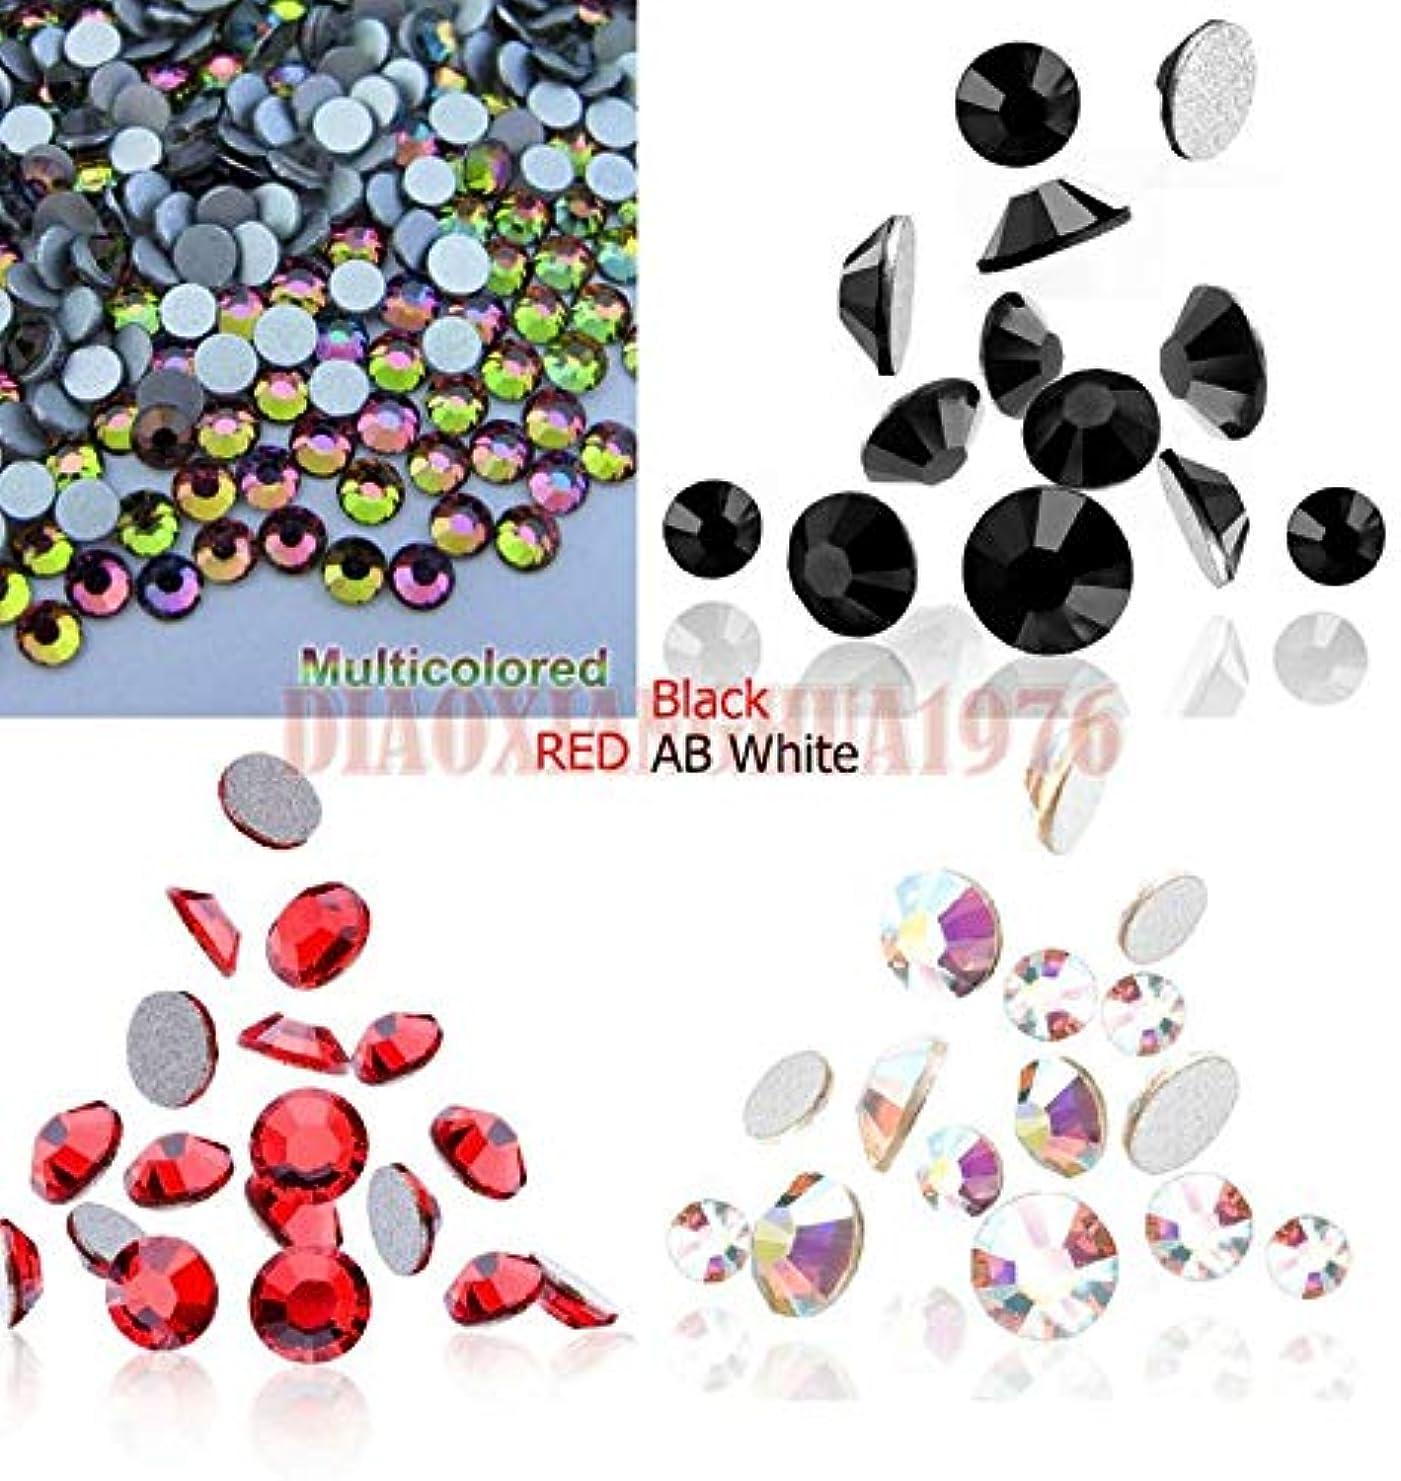 同盟乳アクティブFidgetGear 1440ピース3dアクリル直径ファセットフラットバックラインストーンネイルアートクリスタルデコレーション ブラック